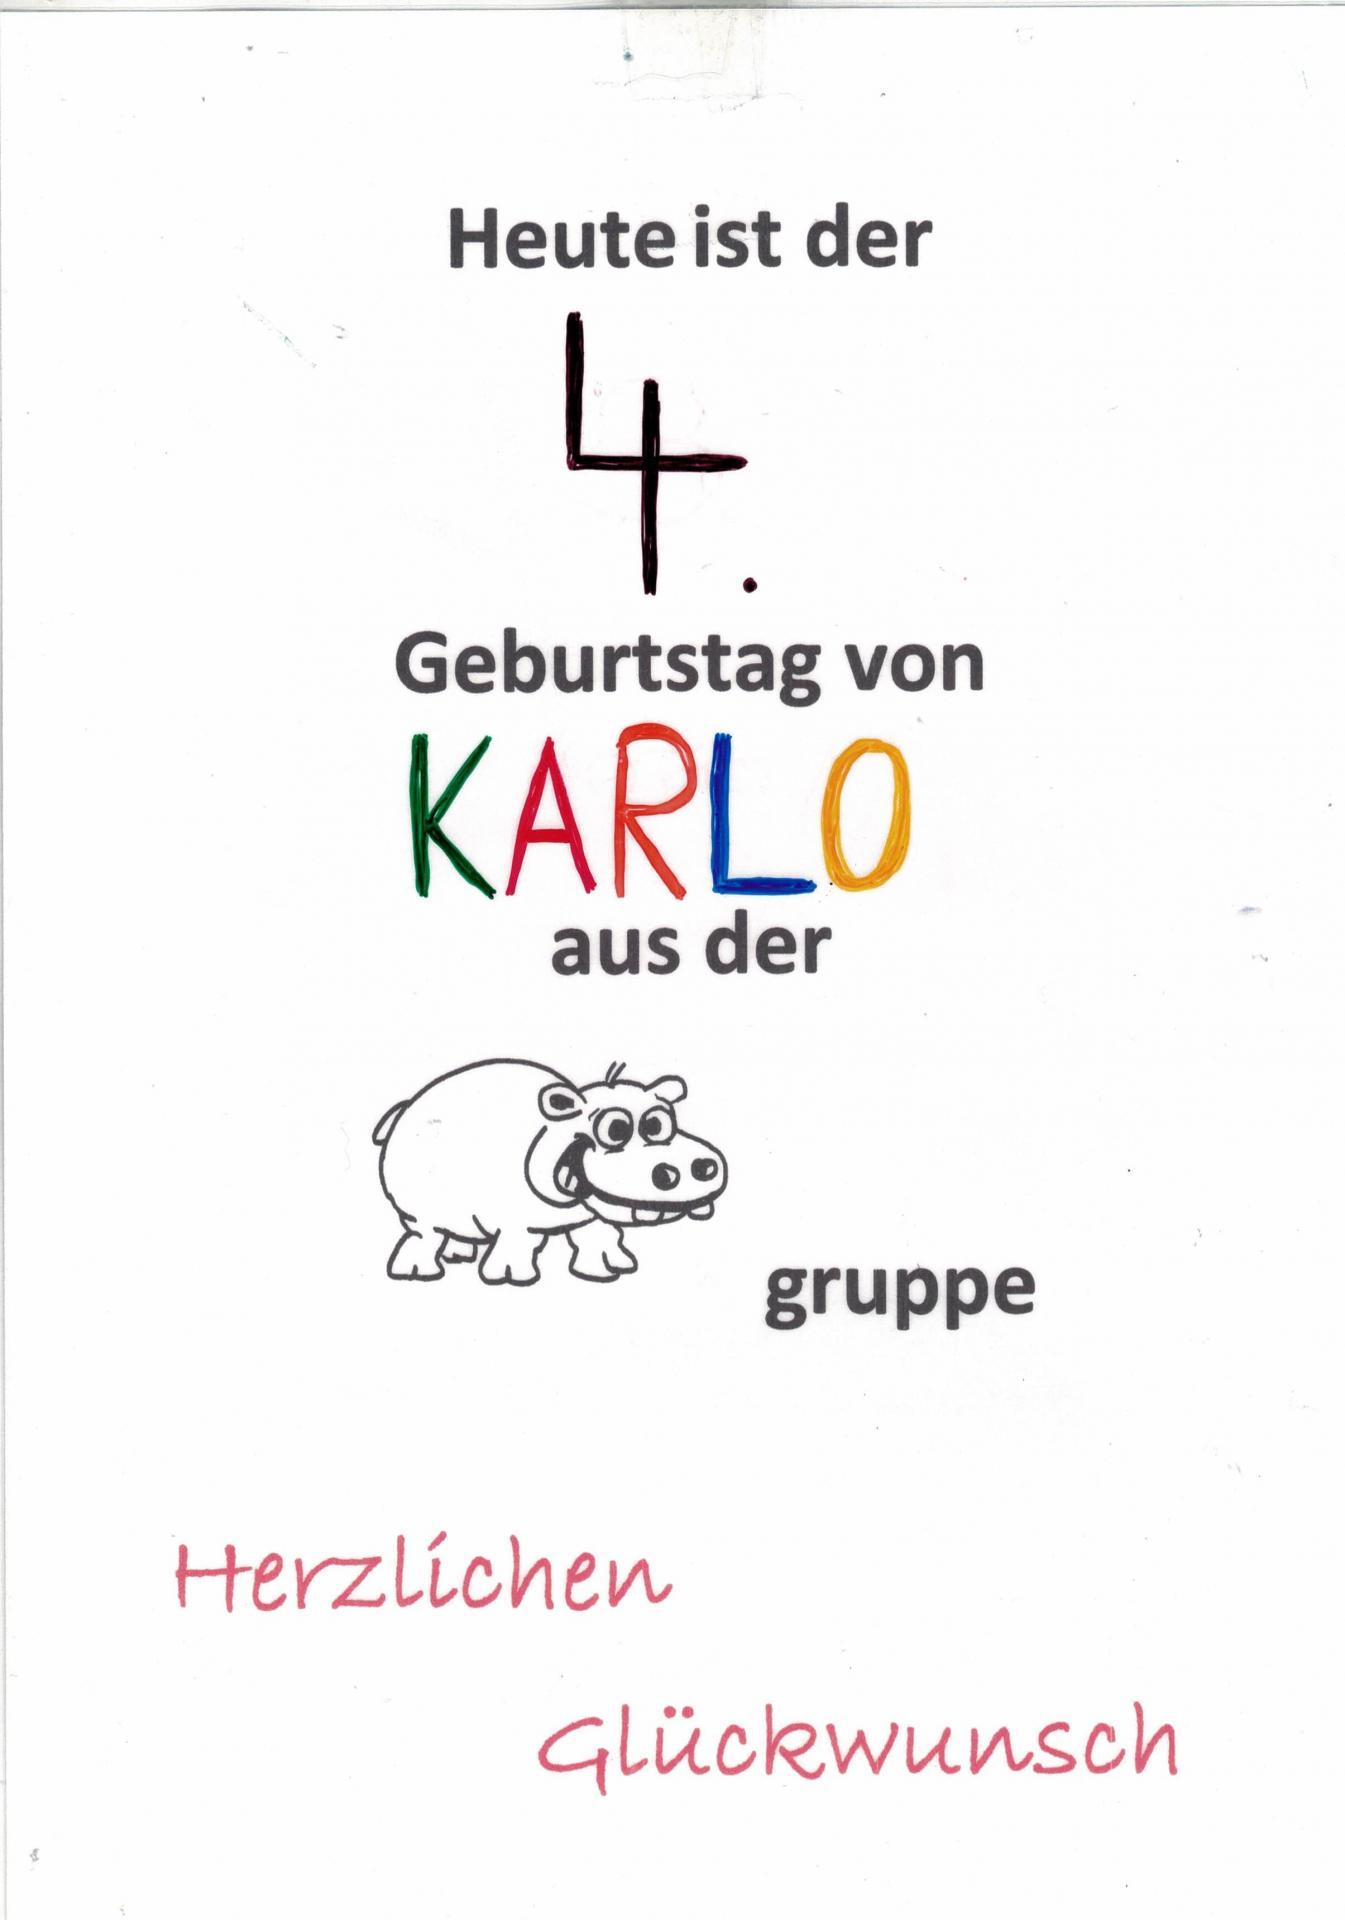 karlo